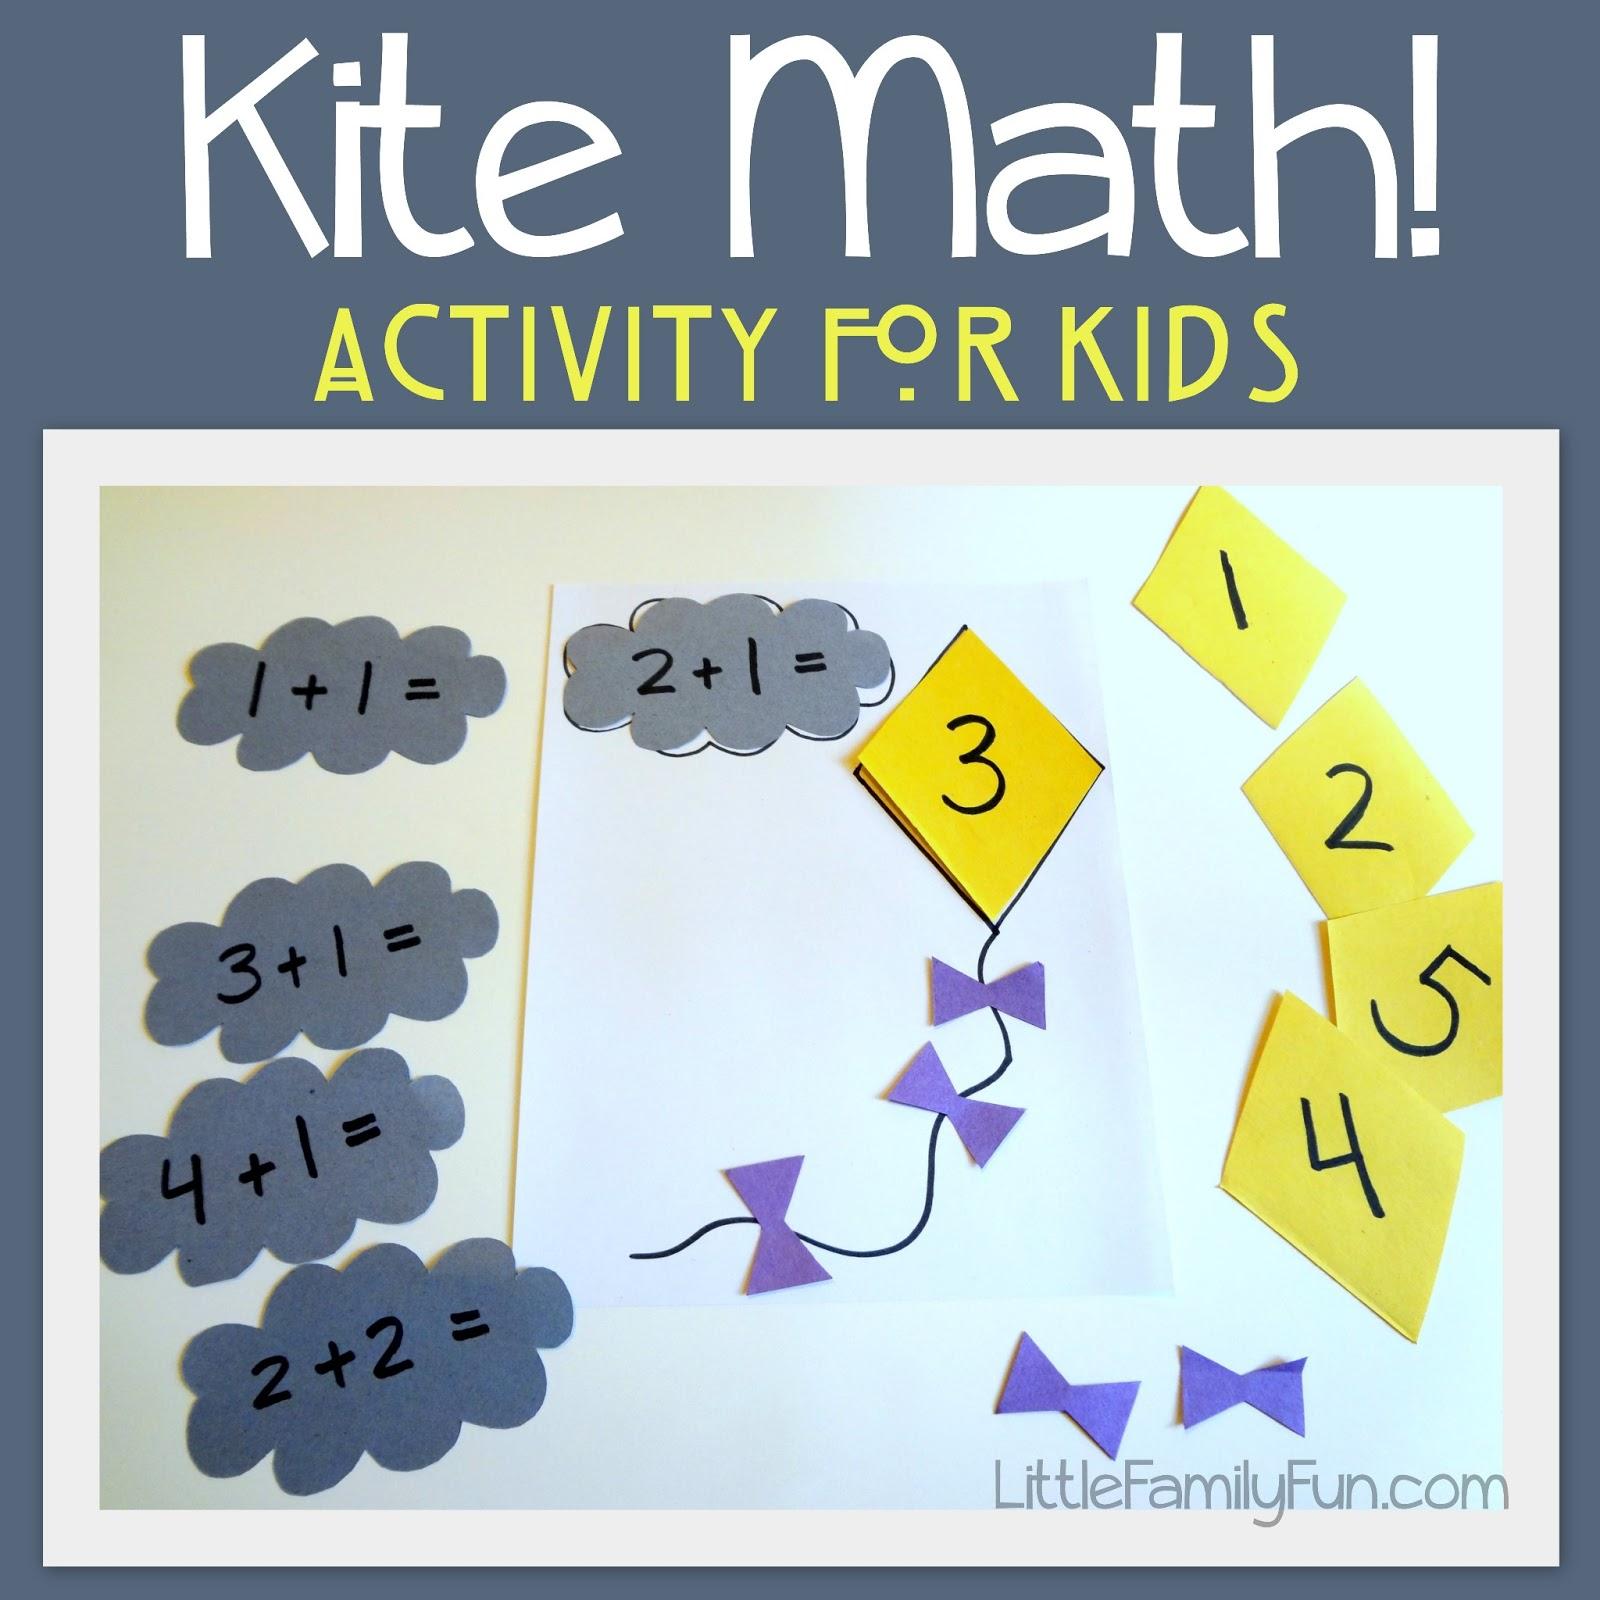 Kite Math